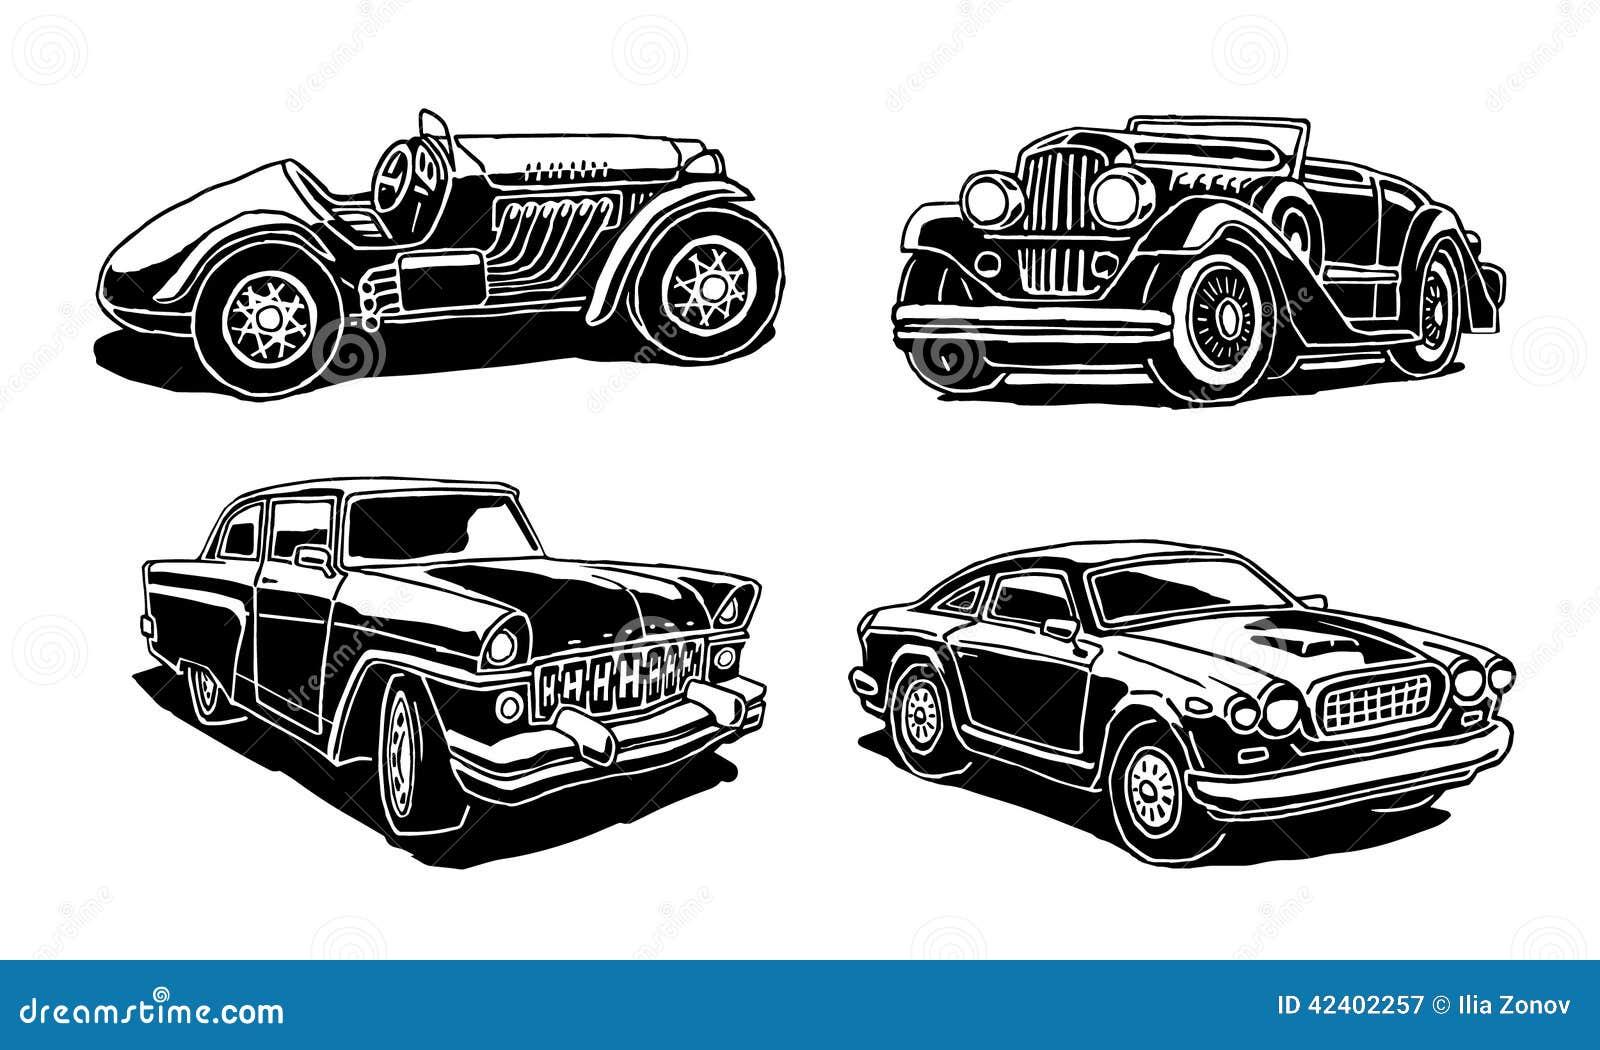 1950s european cars